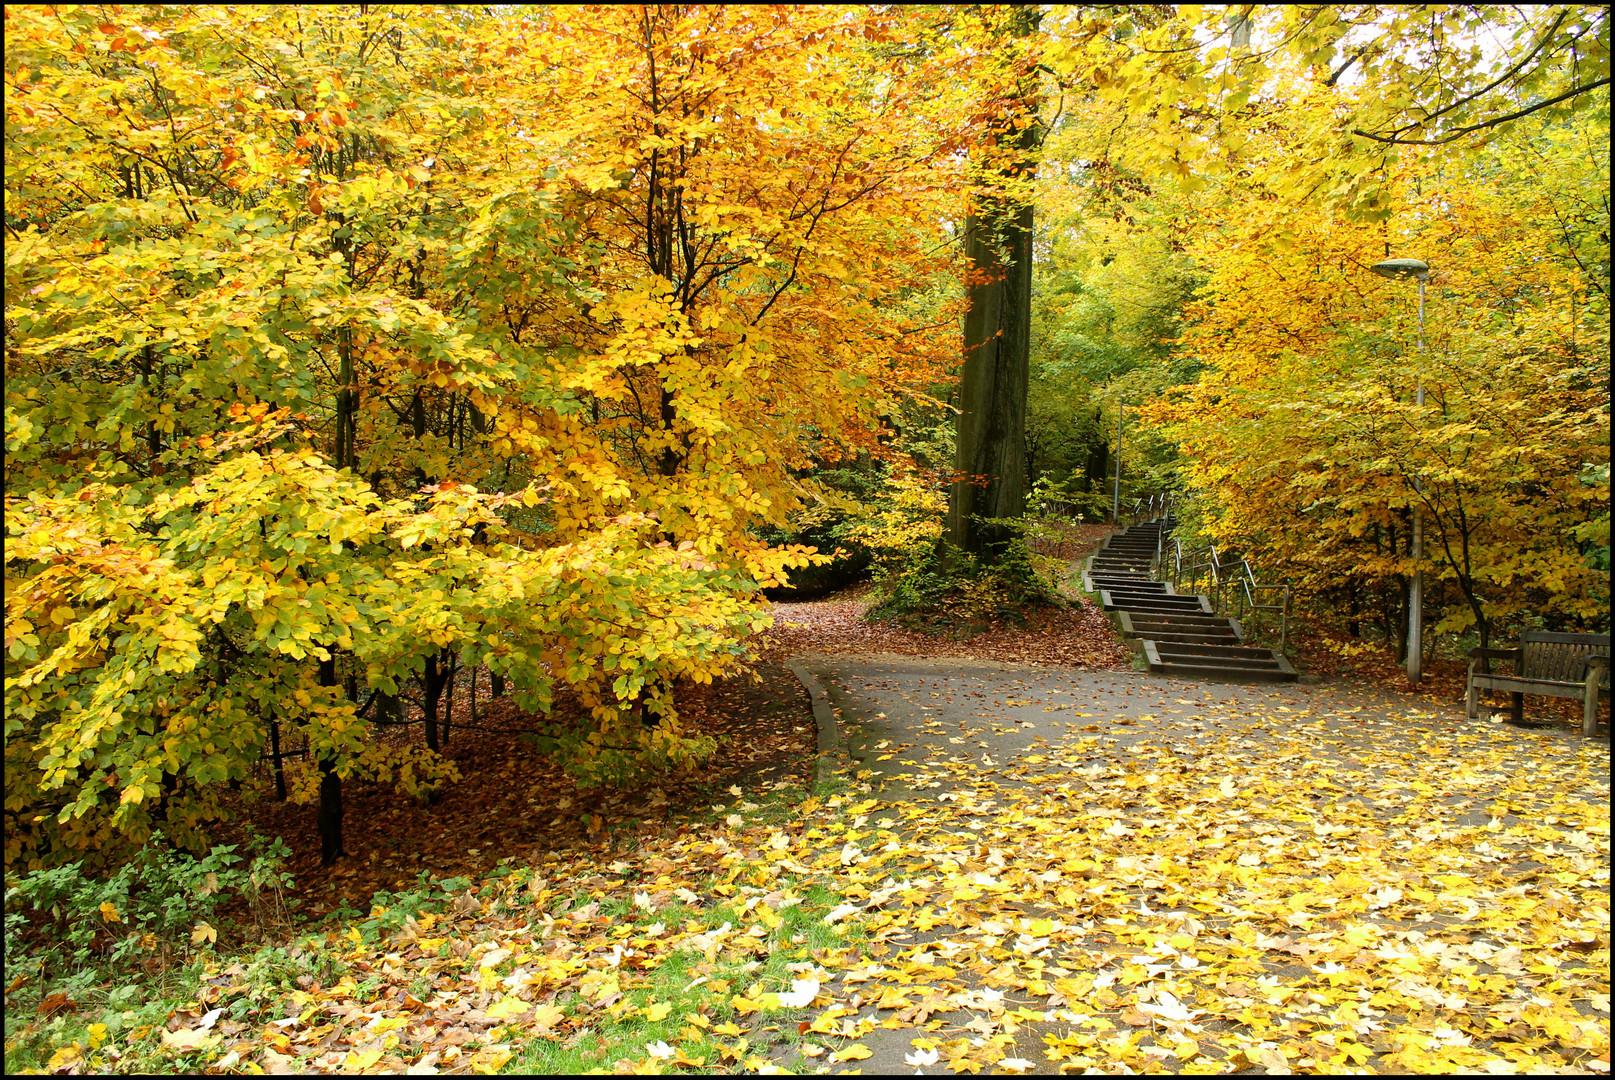 Caidas de hojas